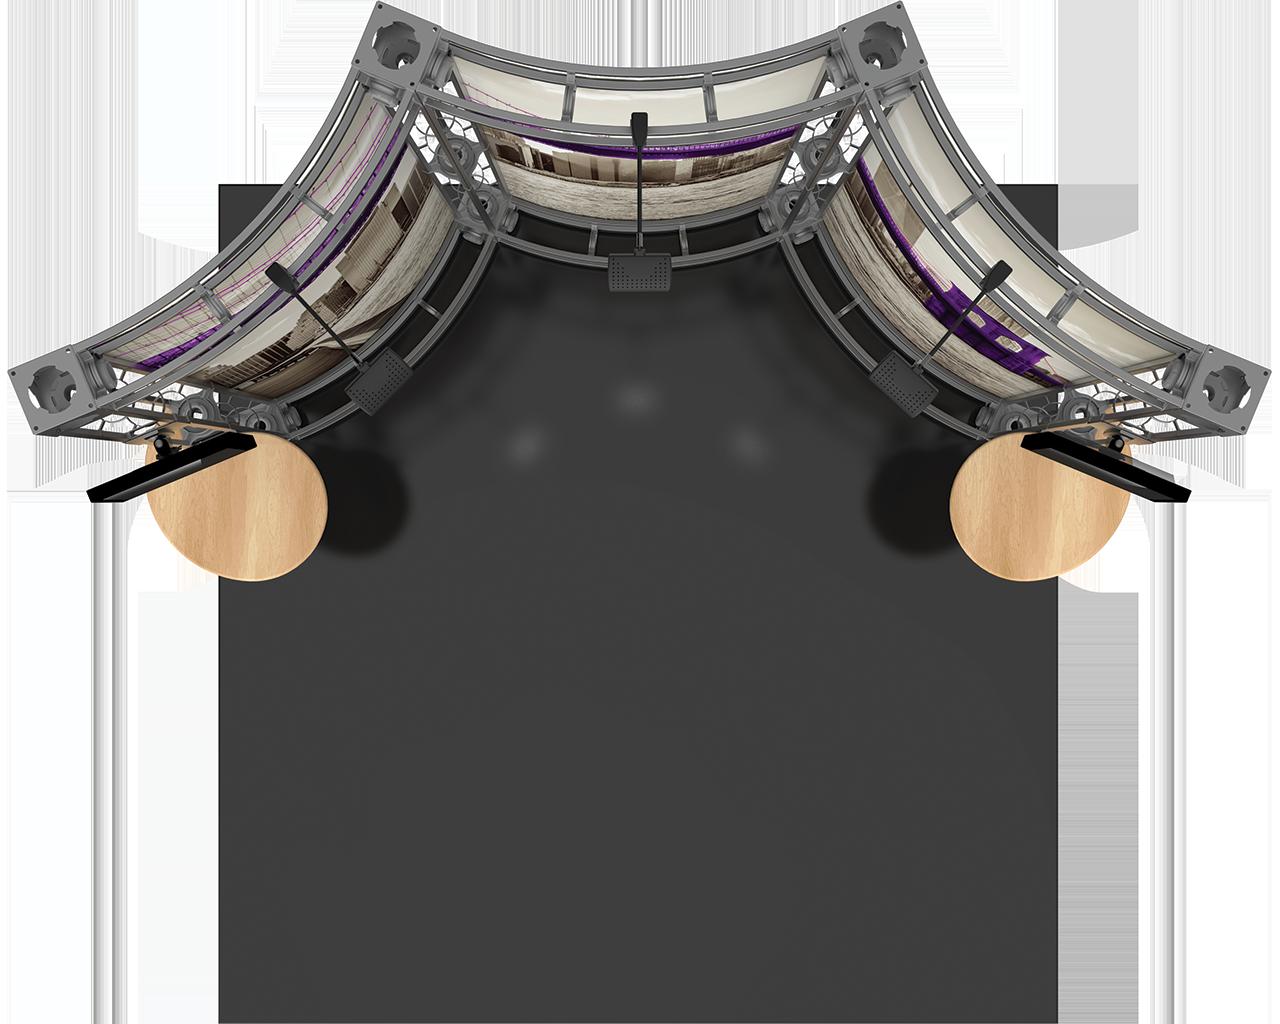 Lynx 10 x 10 Orbital Truss Display